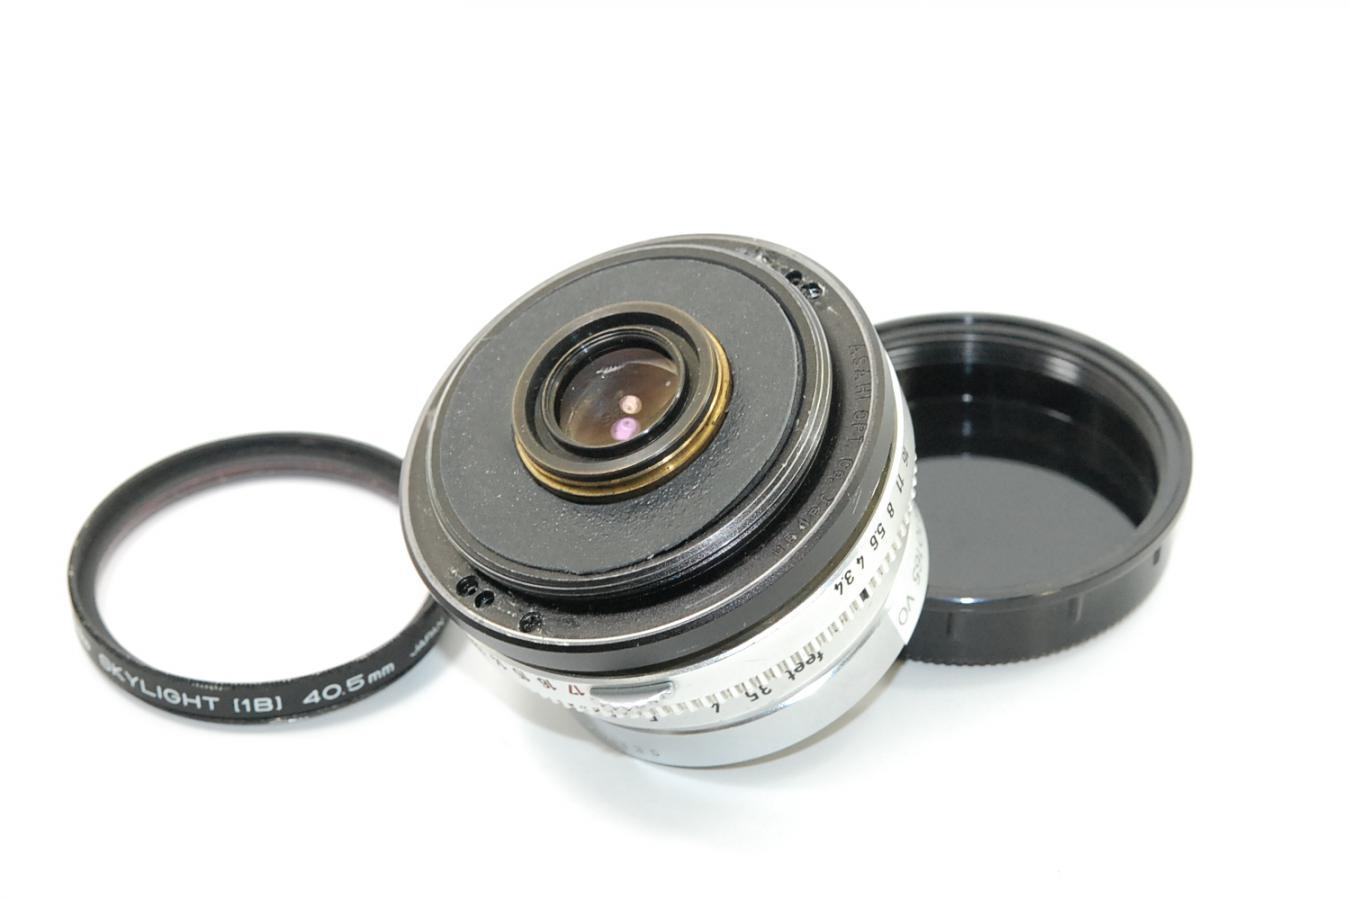 【珍 品】 フォクトレンダー SKOPARET 35mm F3.4 M42改 【ケンコー製40.5mmスカイライトフィルター付】